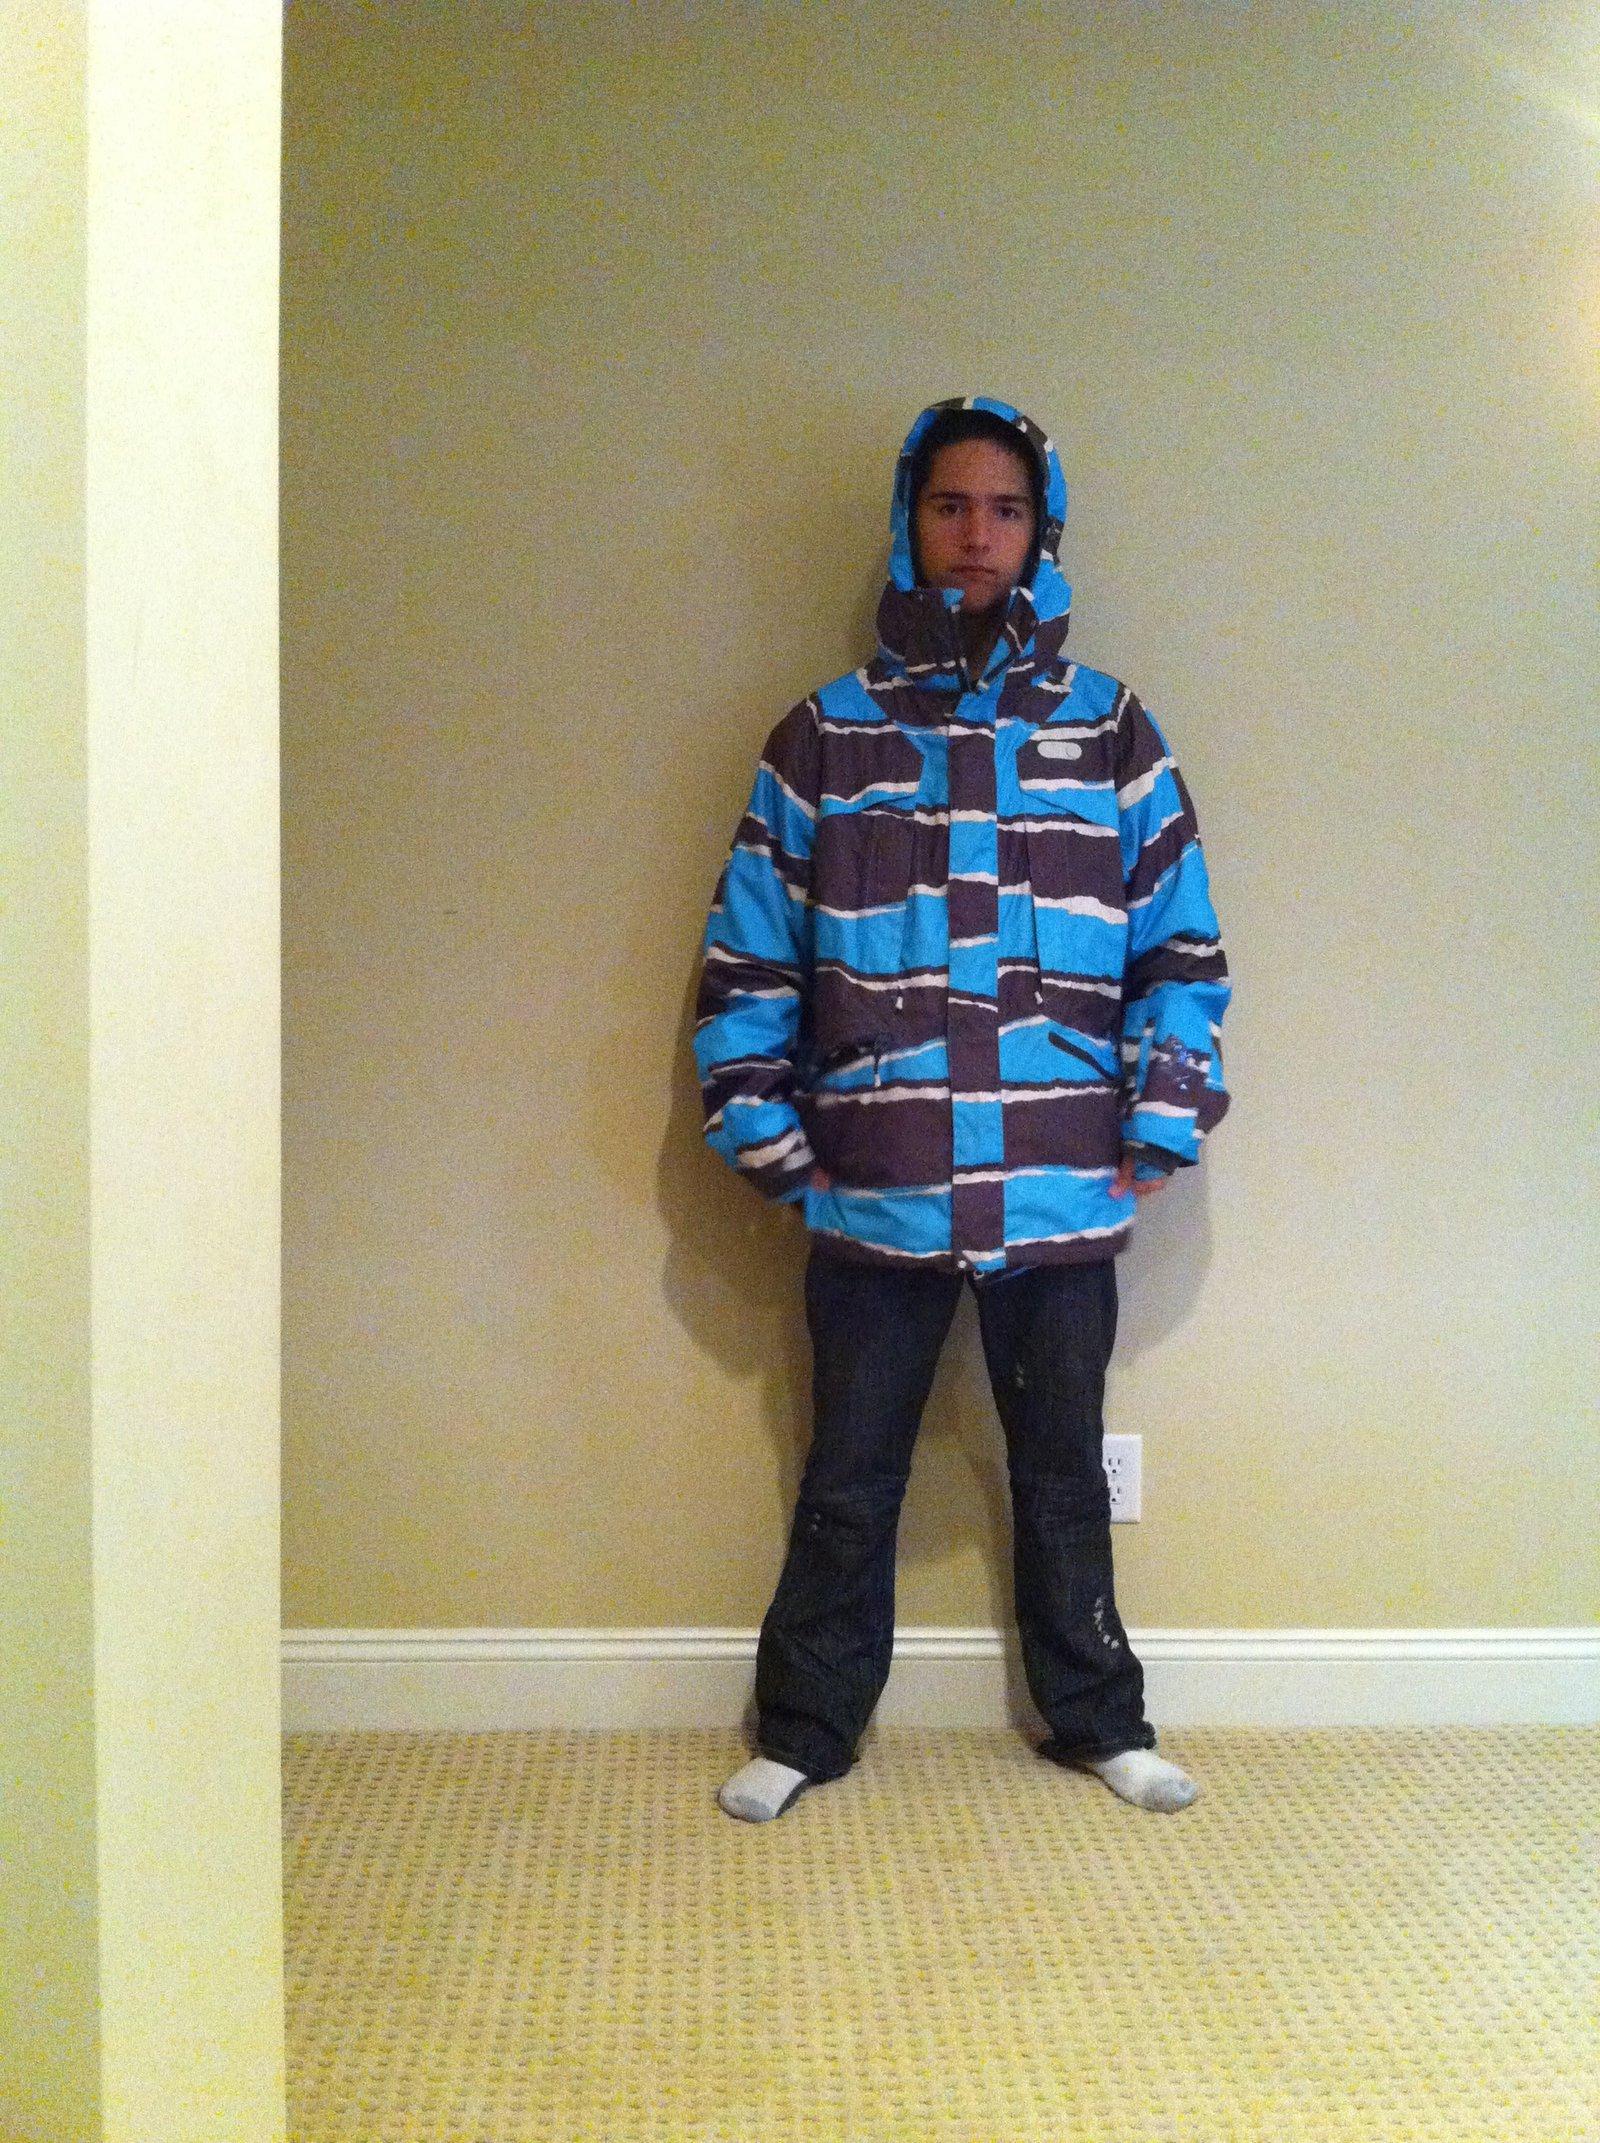 Jacket sizing